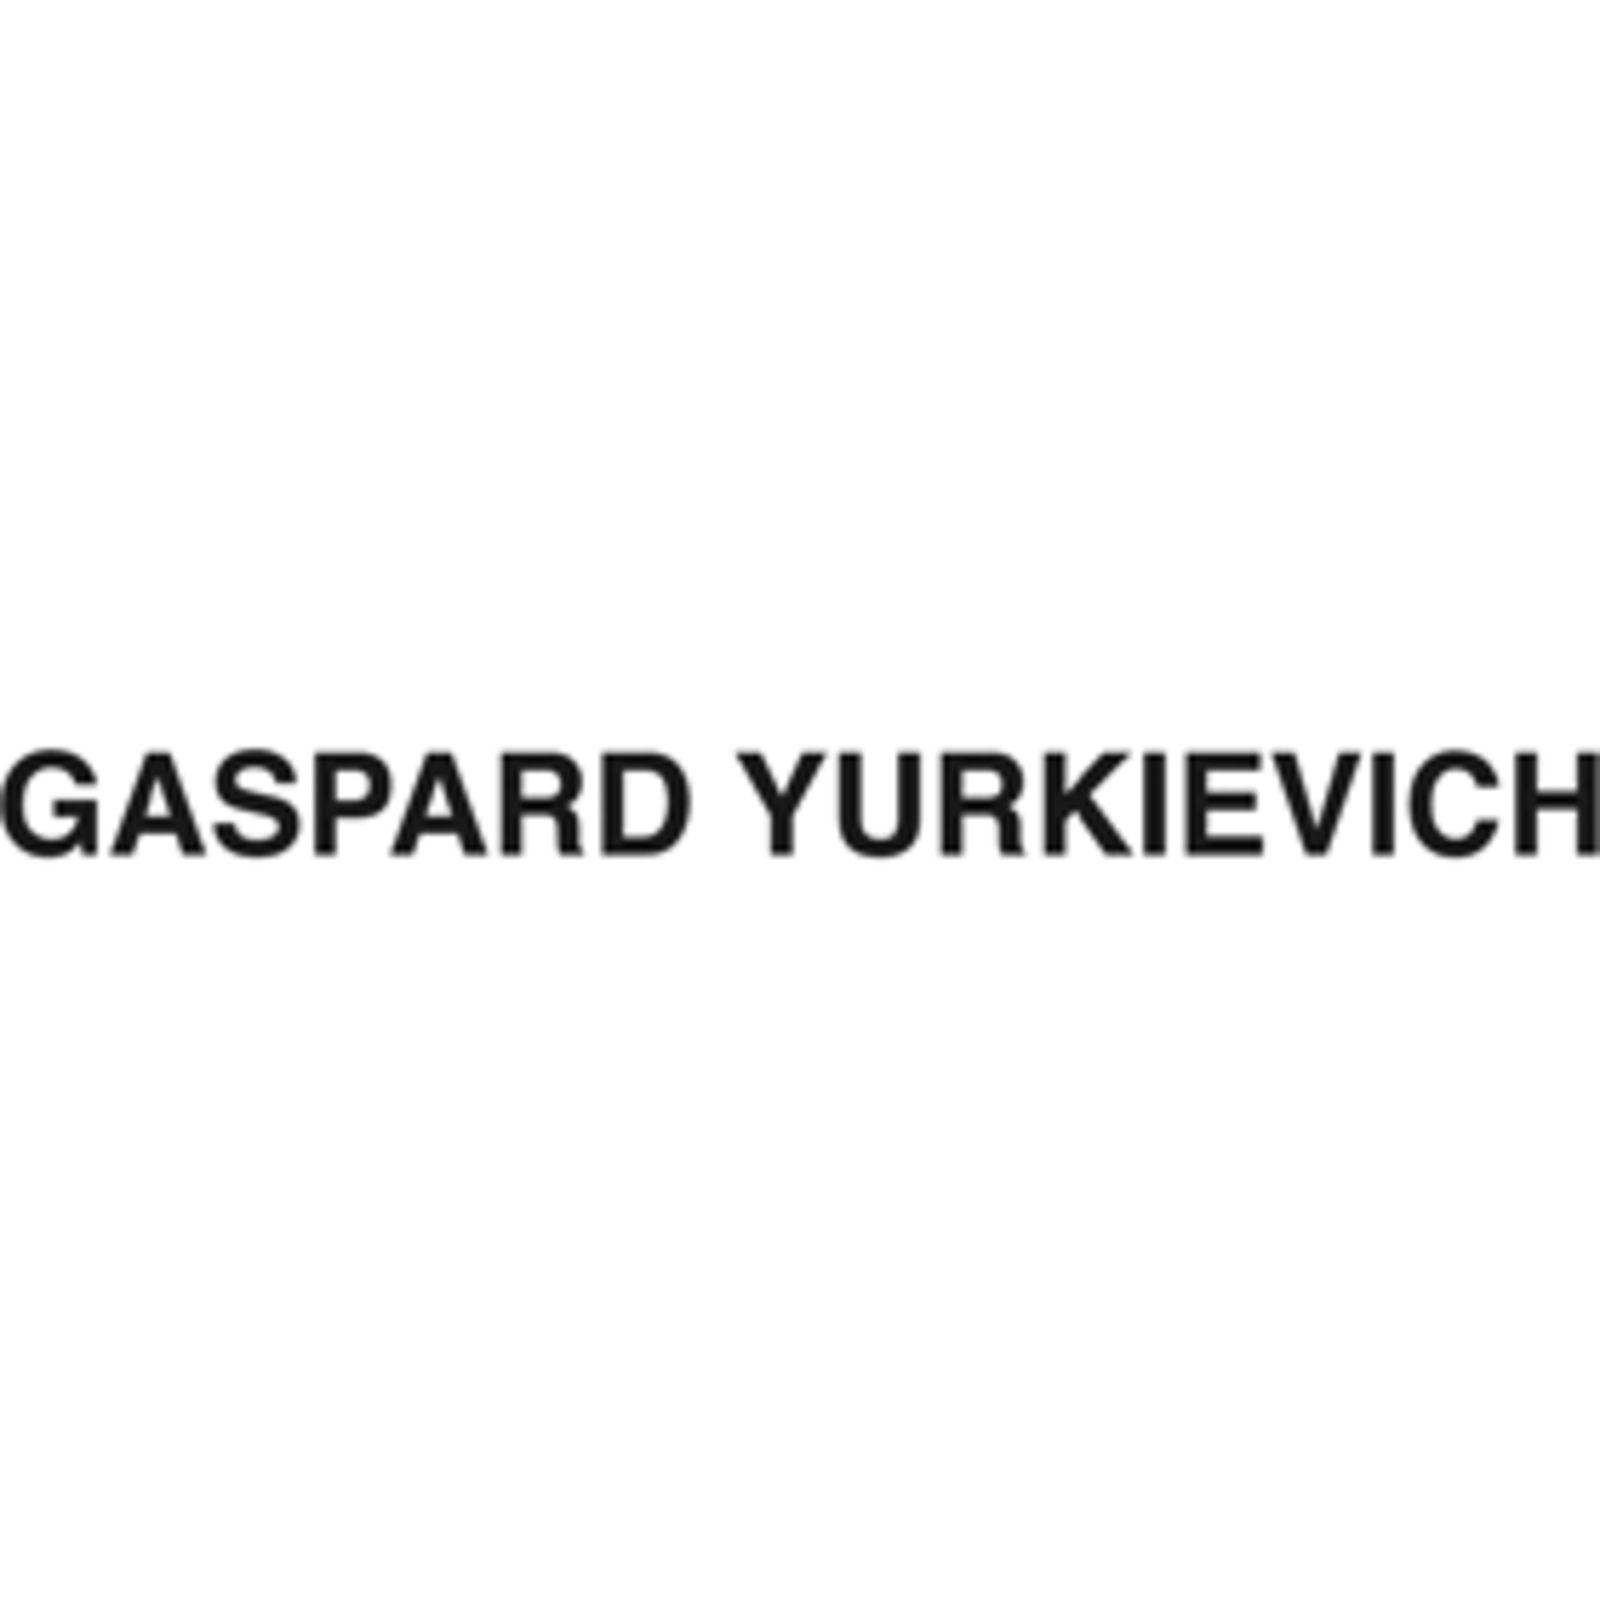 GASPARD YURKIEVICH (Bild 1)